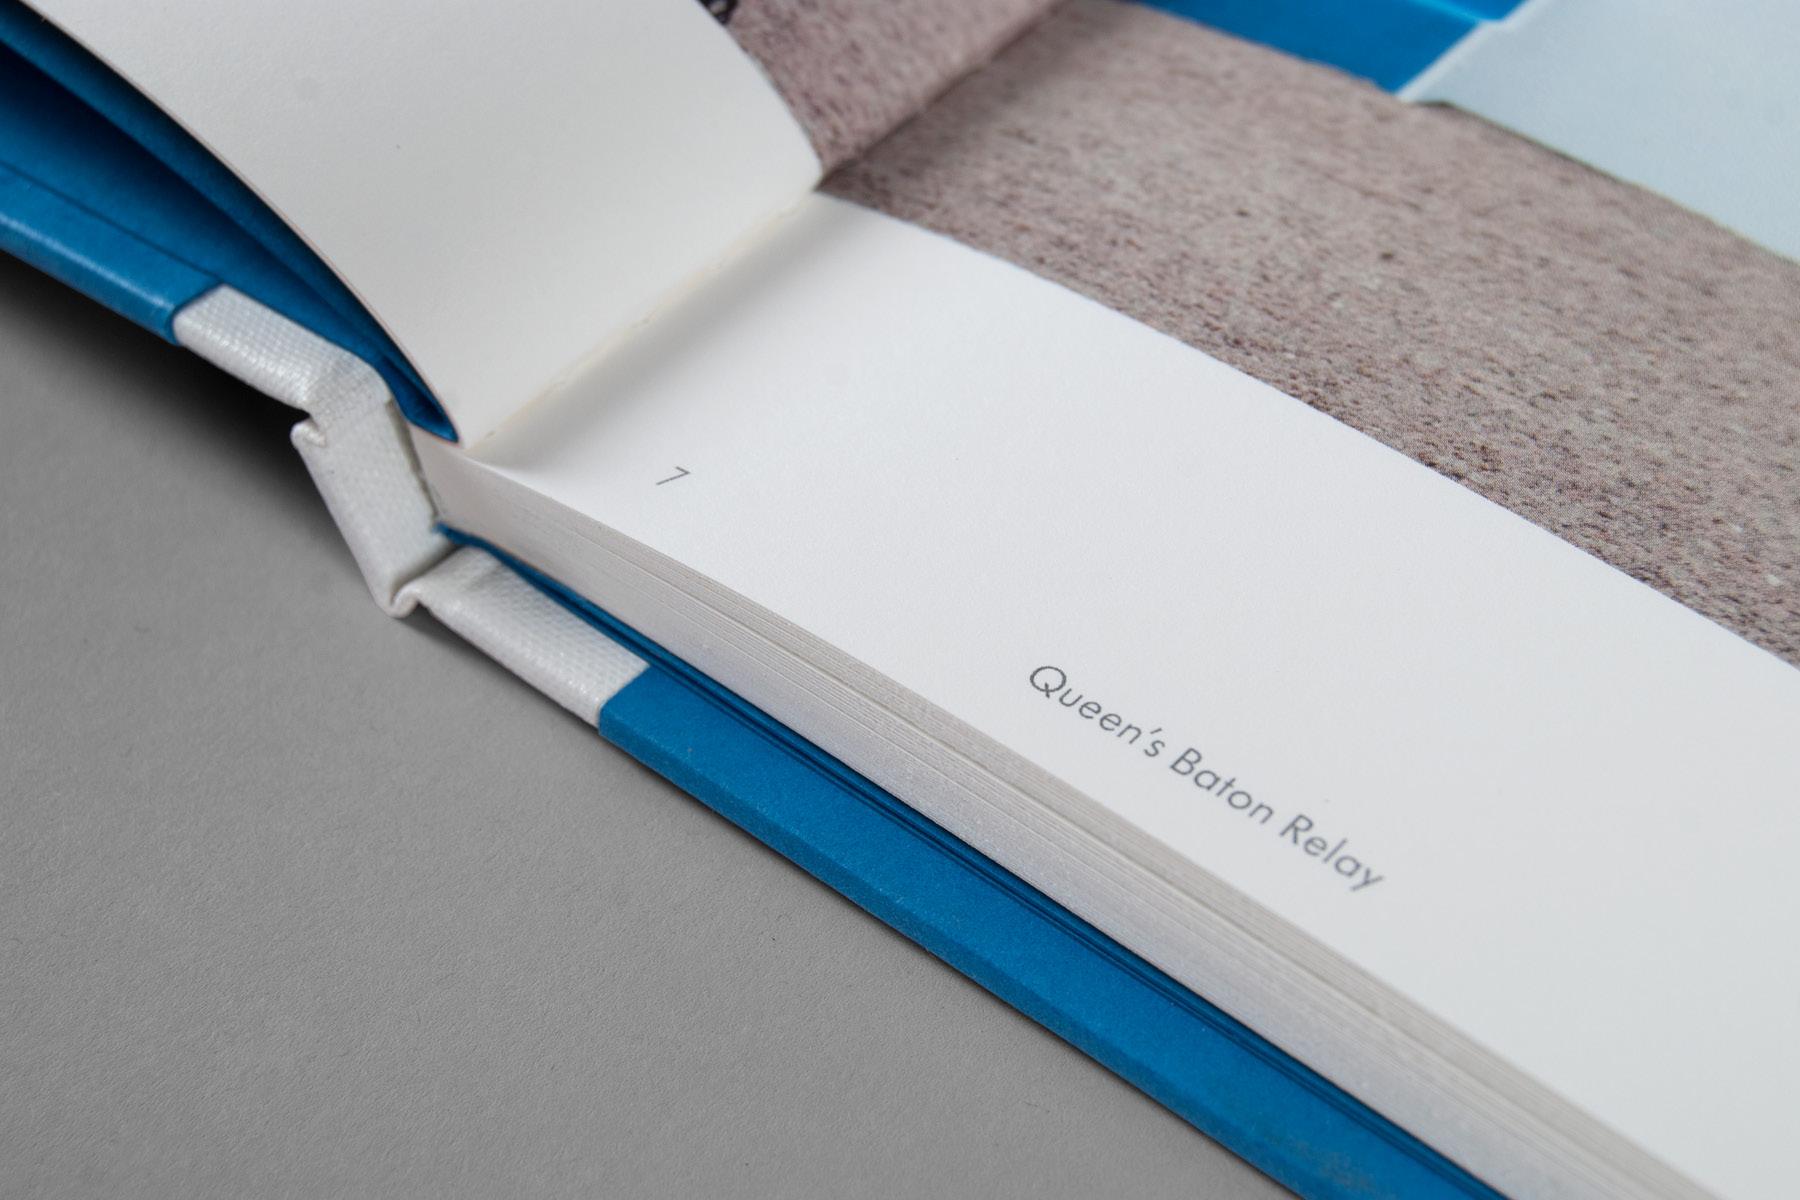 QBRQueenBook07